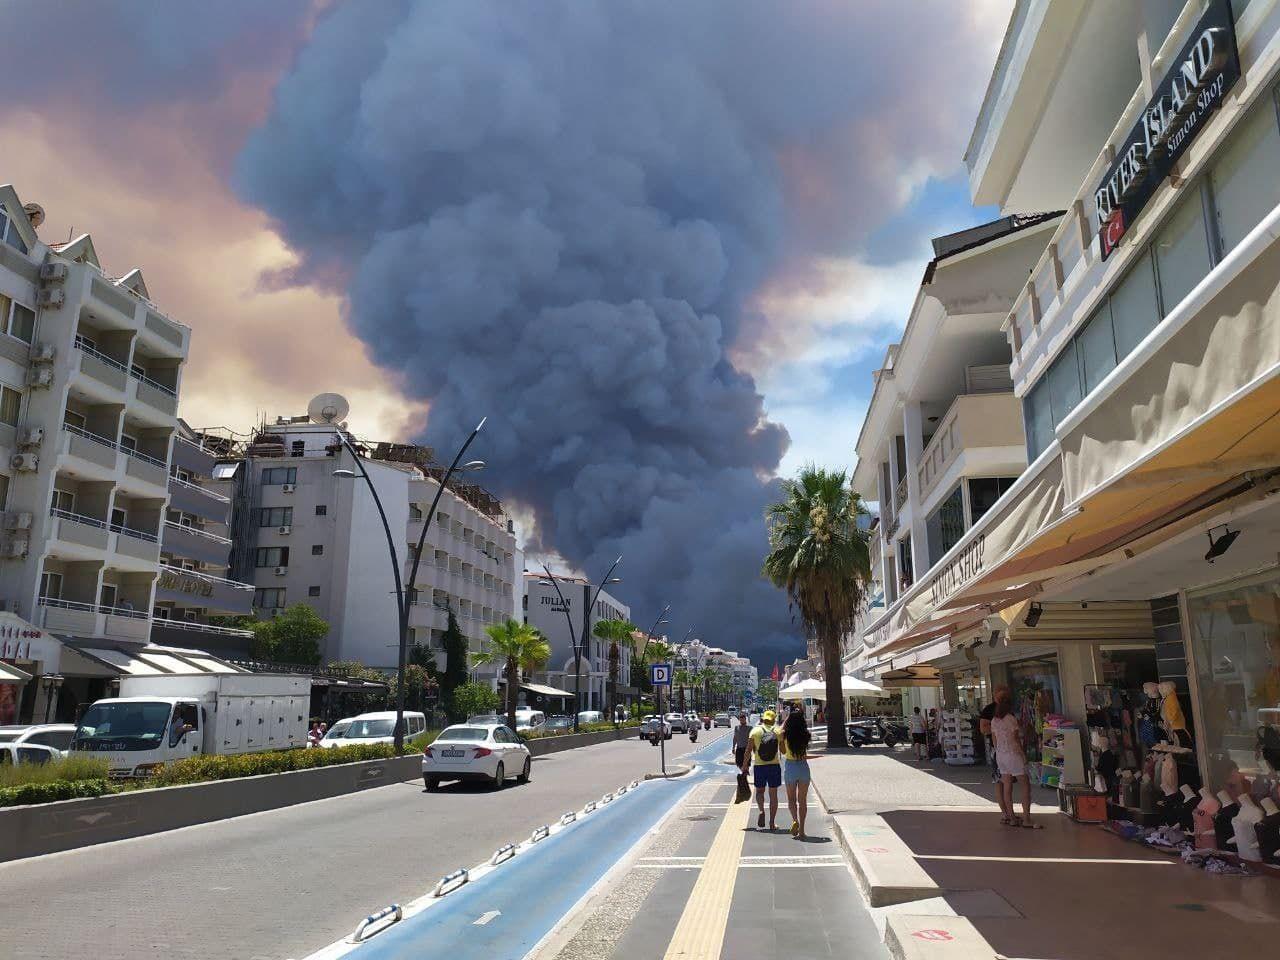 Туристов эвакуируют по морю: пожар в Турции вплотную подобрался к отелям Бодрума